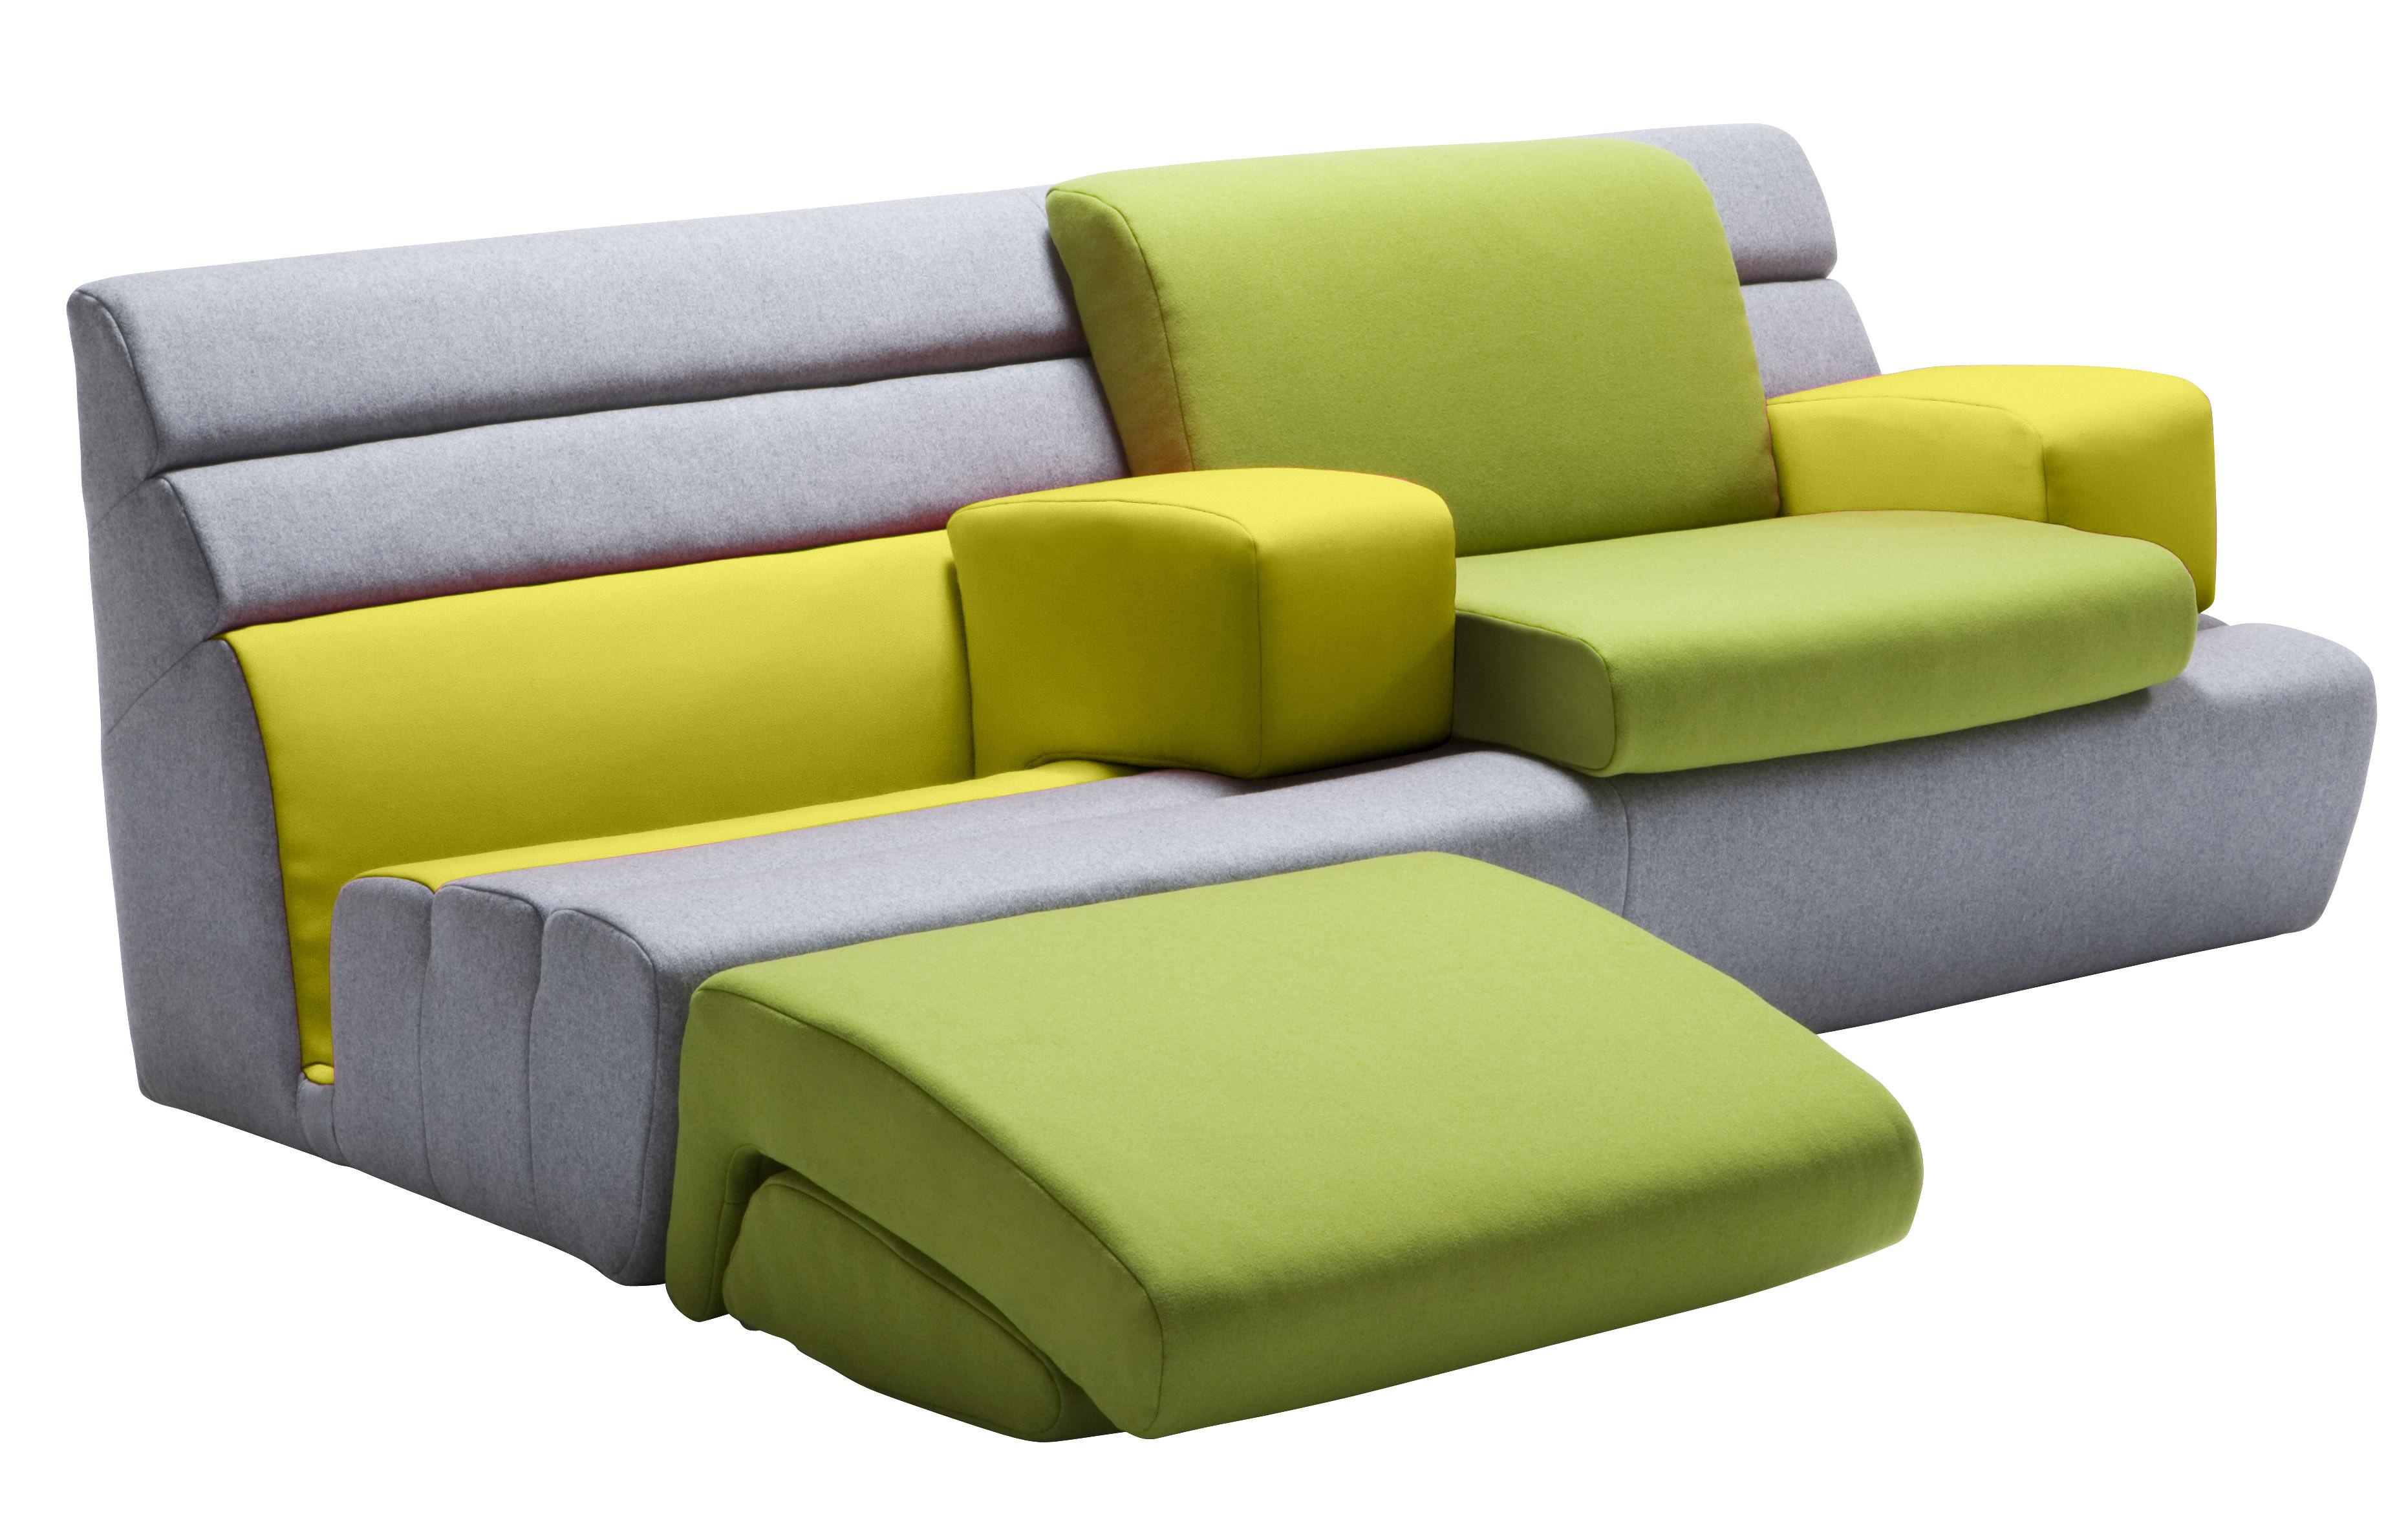 Composit By Matali Crasset Sofa Variables Sofa L 194 Cm